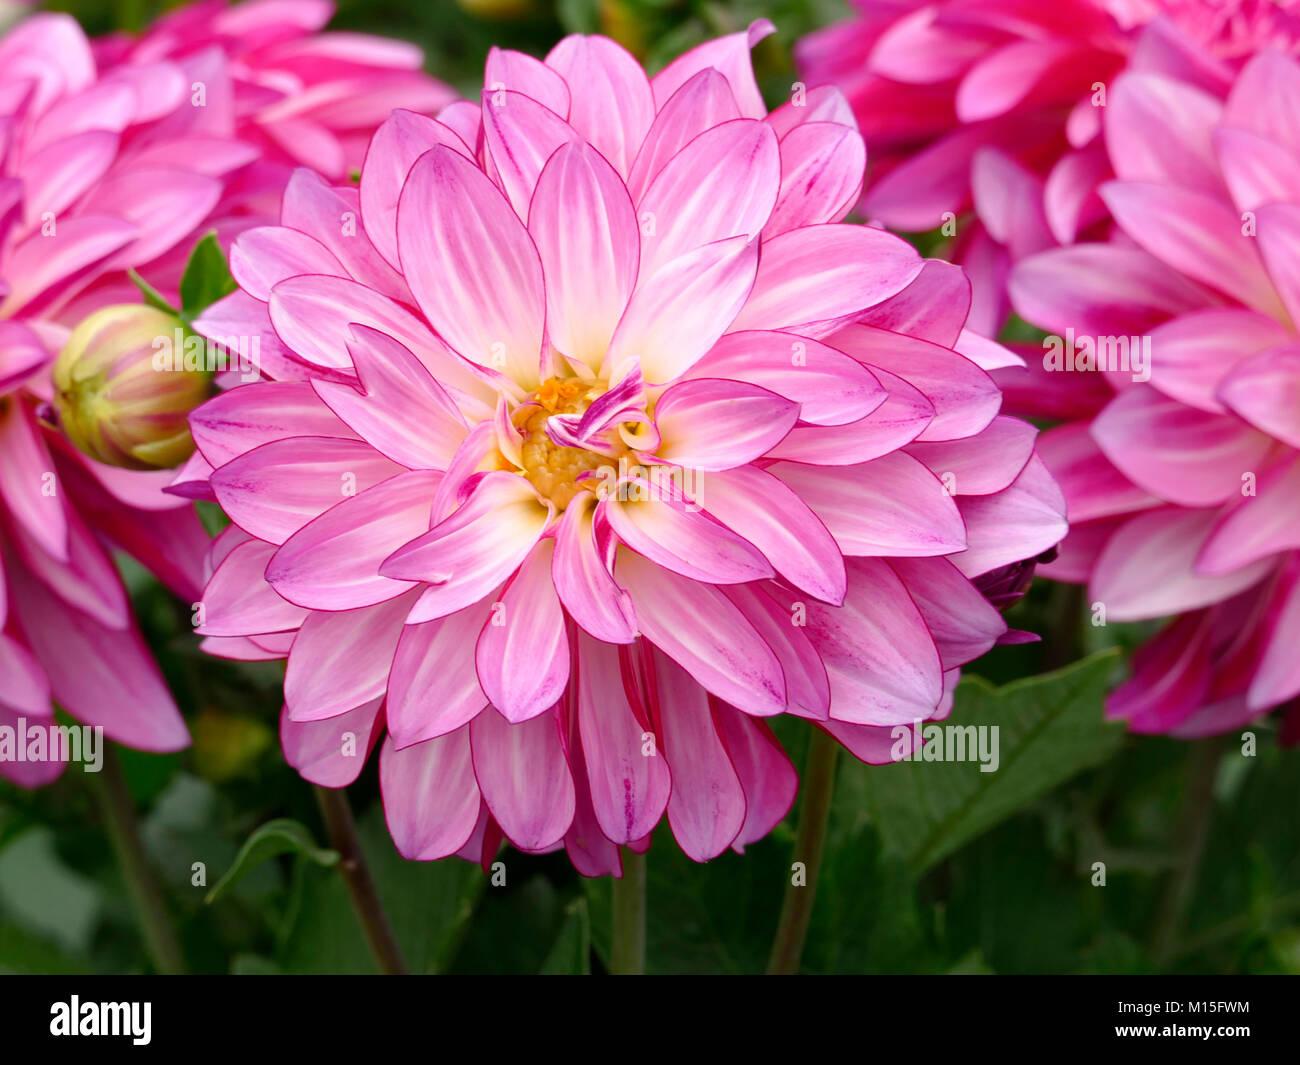 Pink Dahlia in a Spring Home Garden Stock Photo